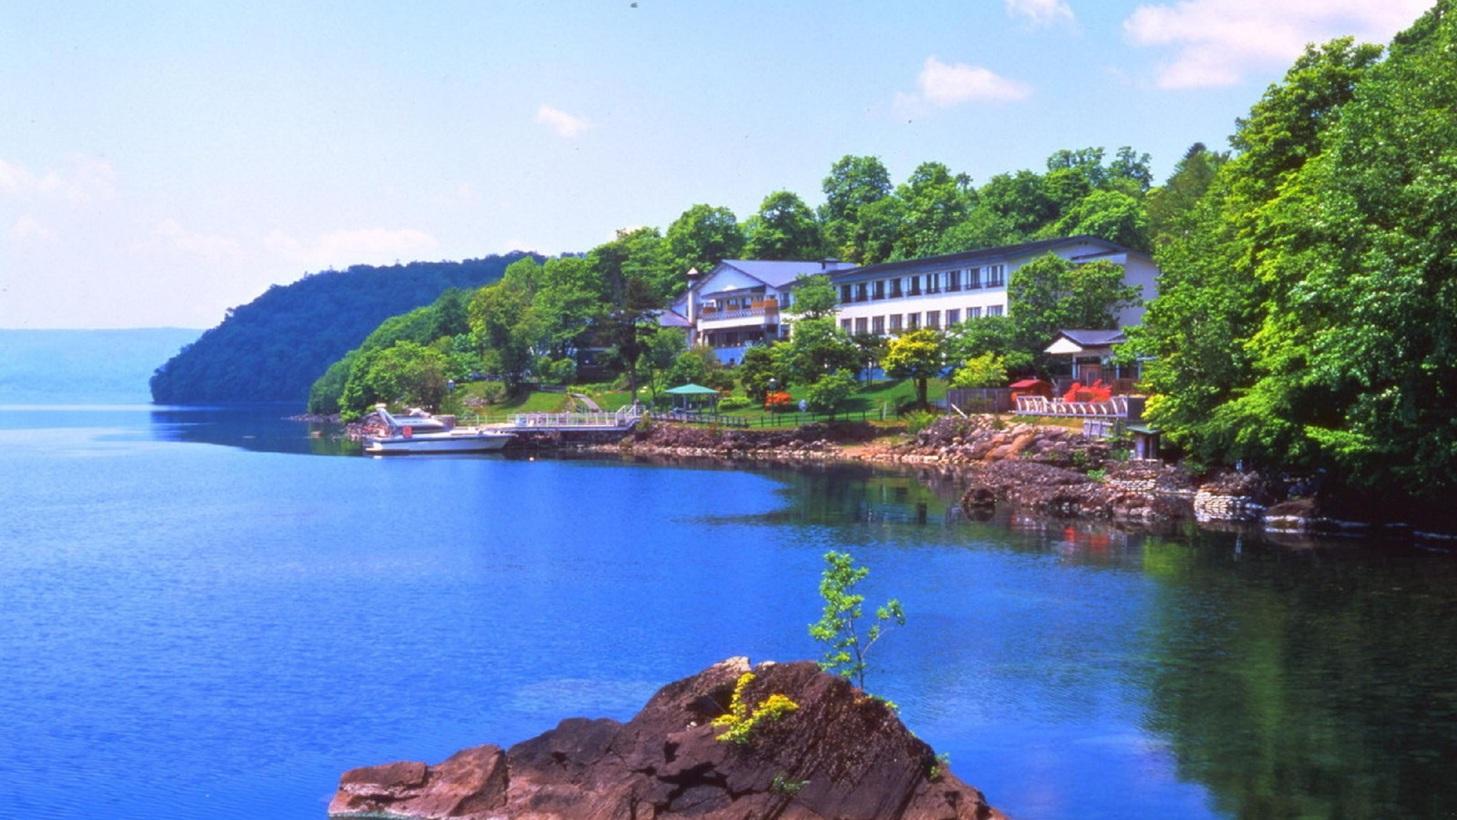 丸駒 温泉旅館◆楽天トラベル